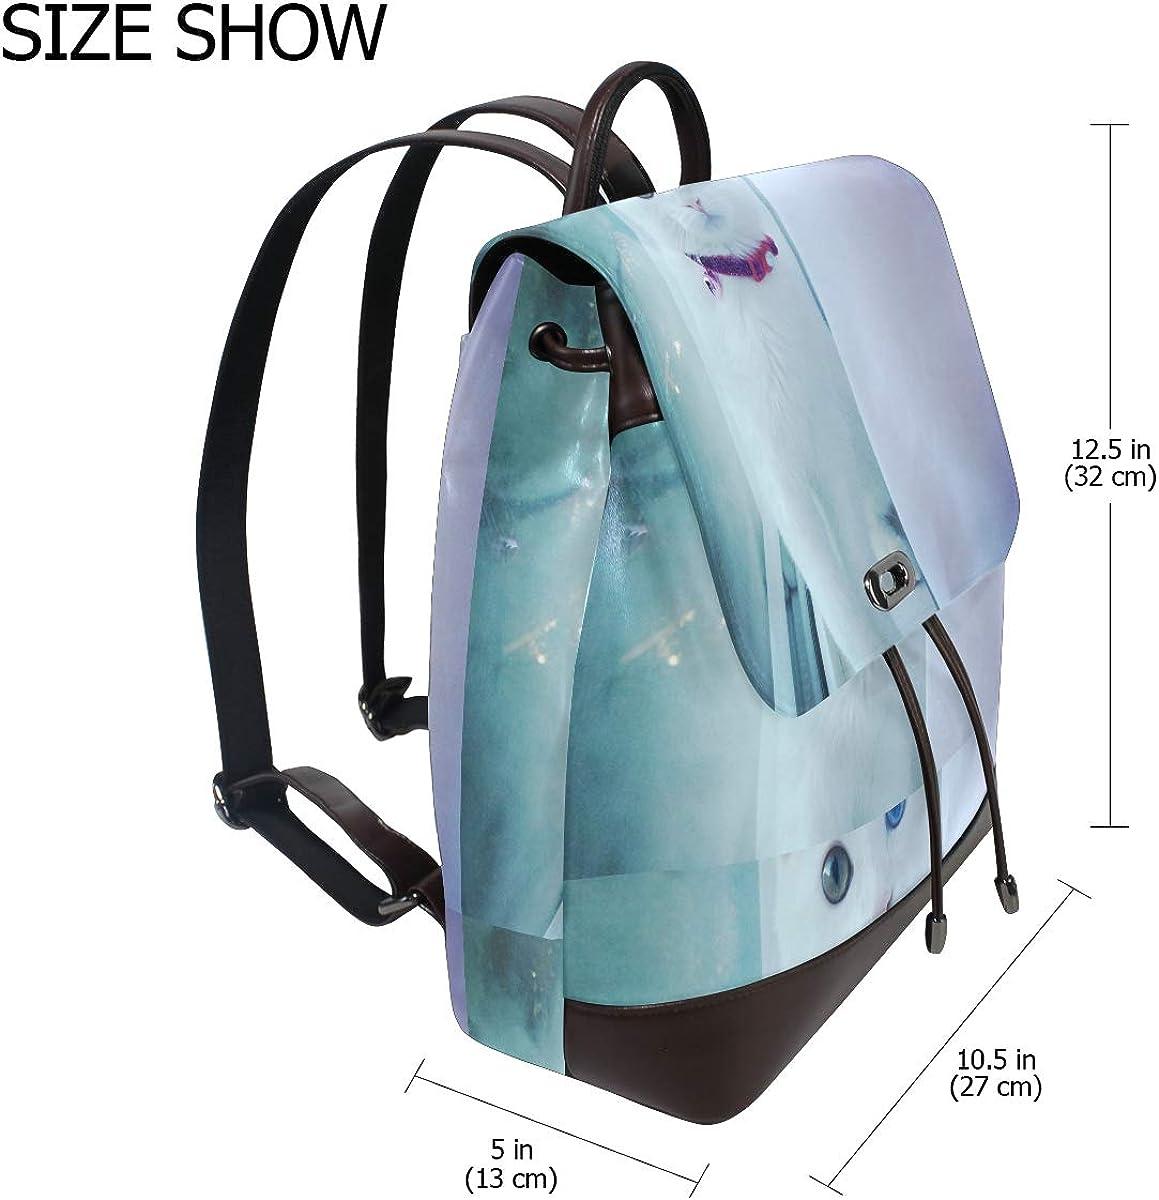 PU Leather Shoulder Bag,Strange Eyes Cat Backpack,Portable Travel School Rucksack,Satchel with Top Handle